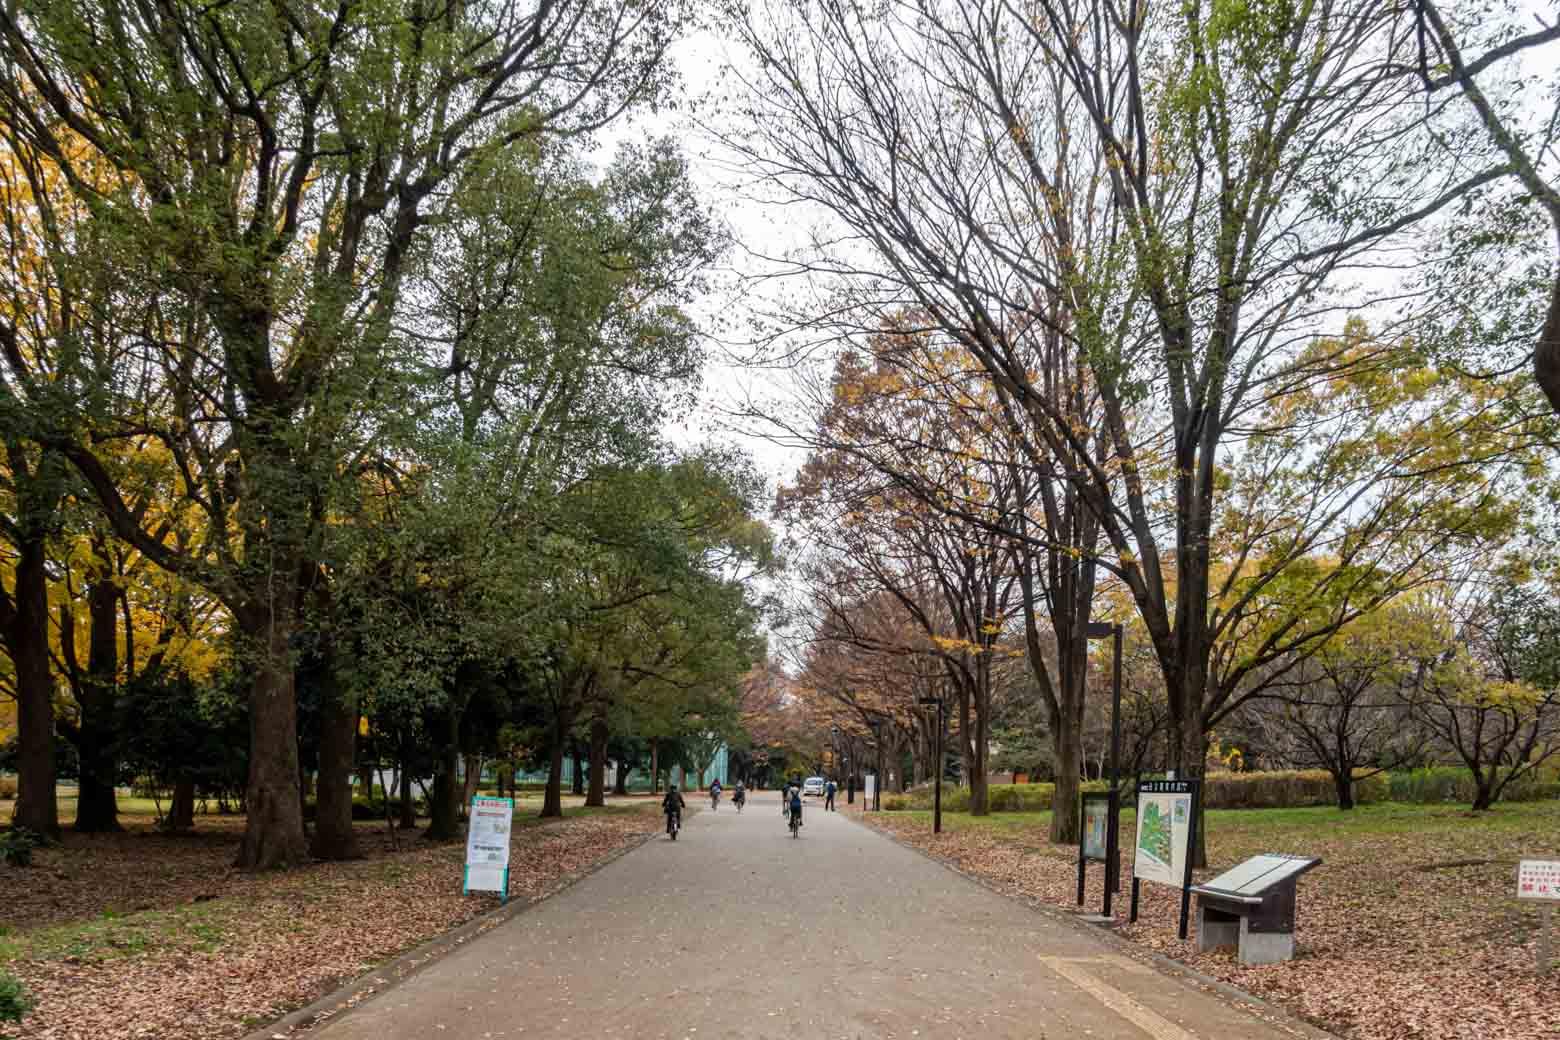 春には桜の名所としても知られる砧公園。園内には売店もあり、お散歩中ちょっと小腹が空いた時に立ち寄れます。